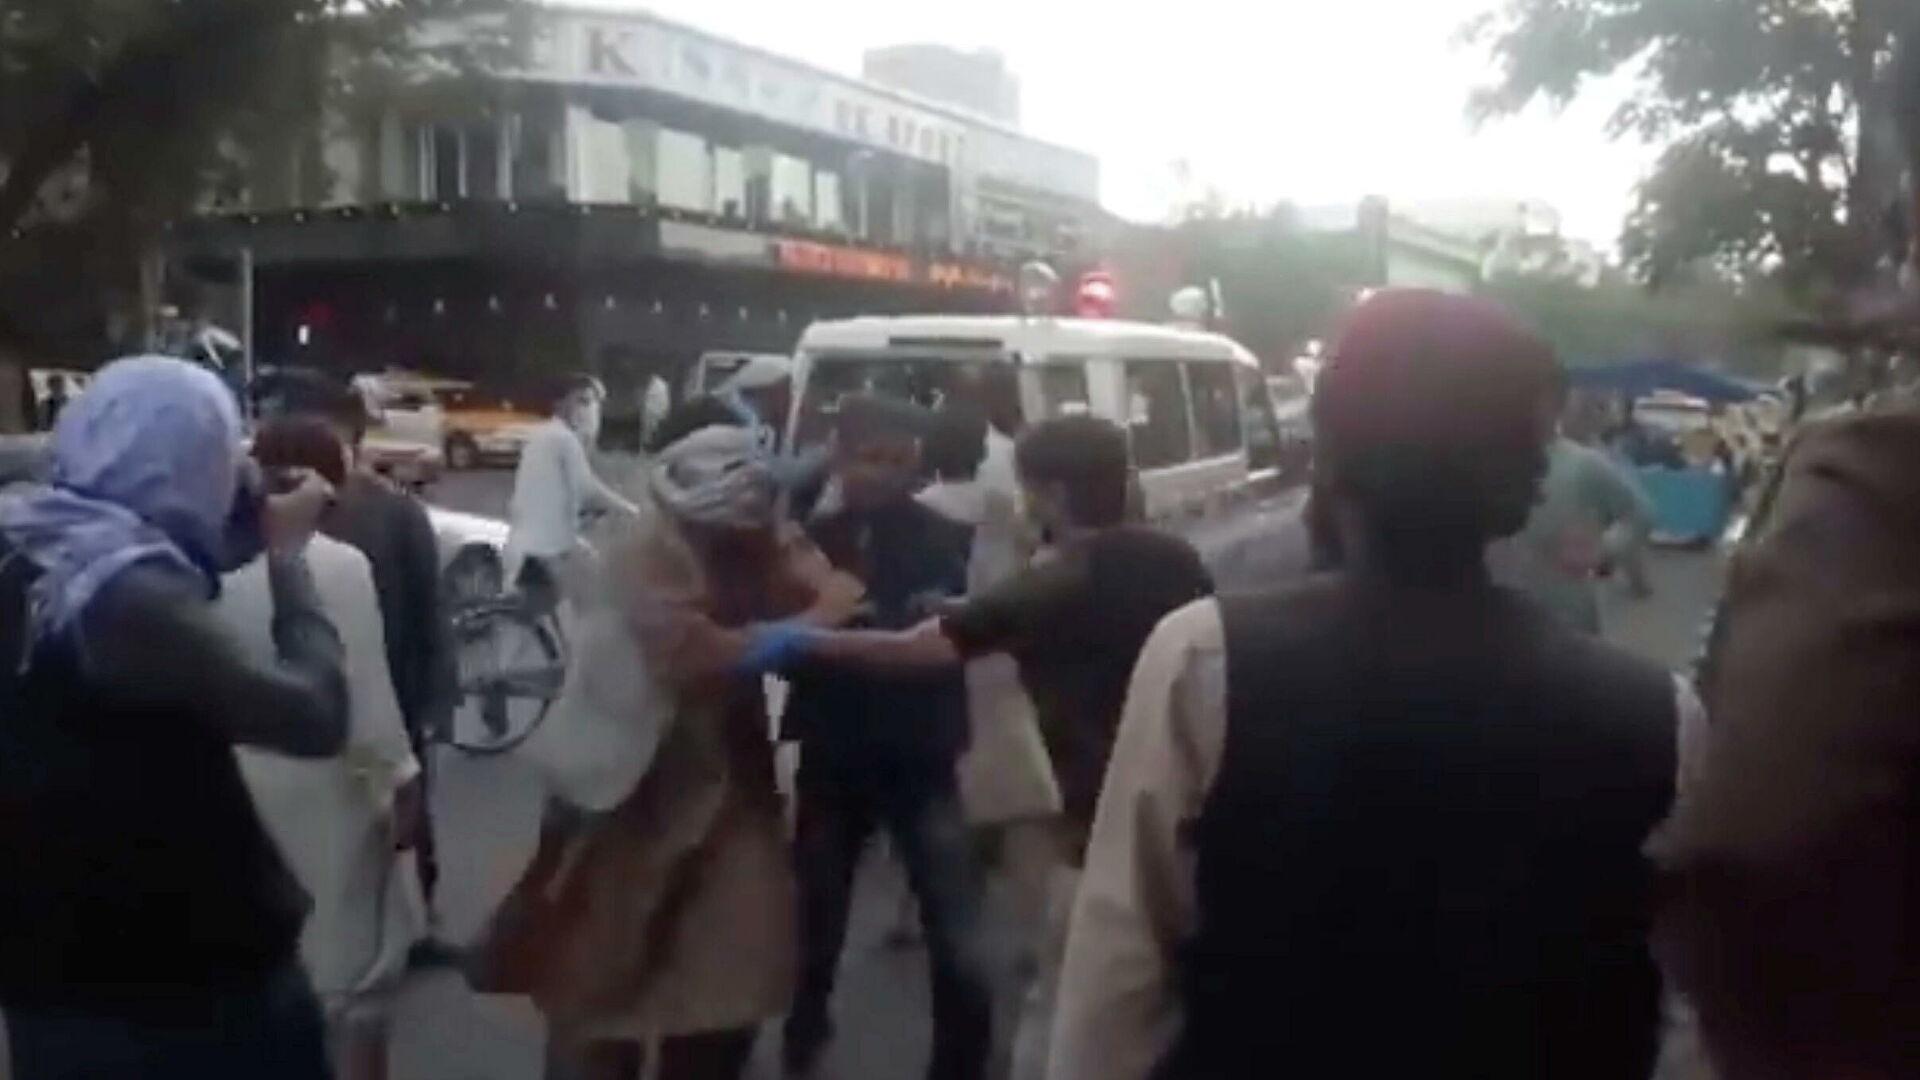 Attentato all'Aeroporto di Kabul